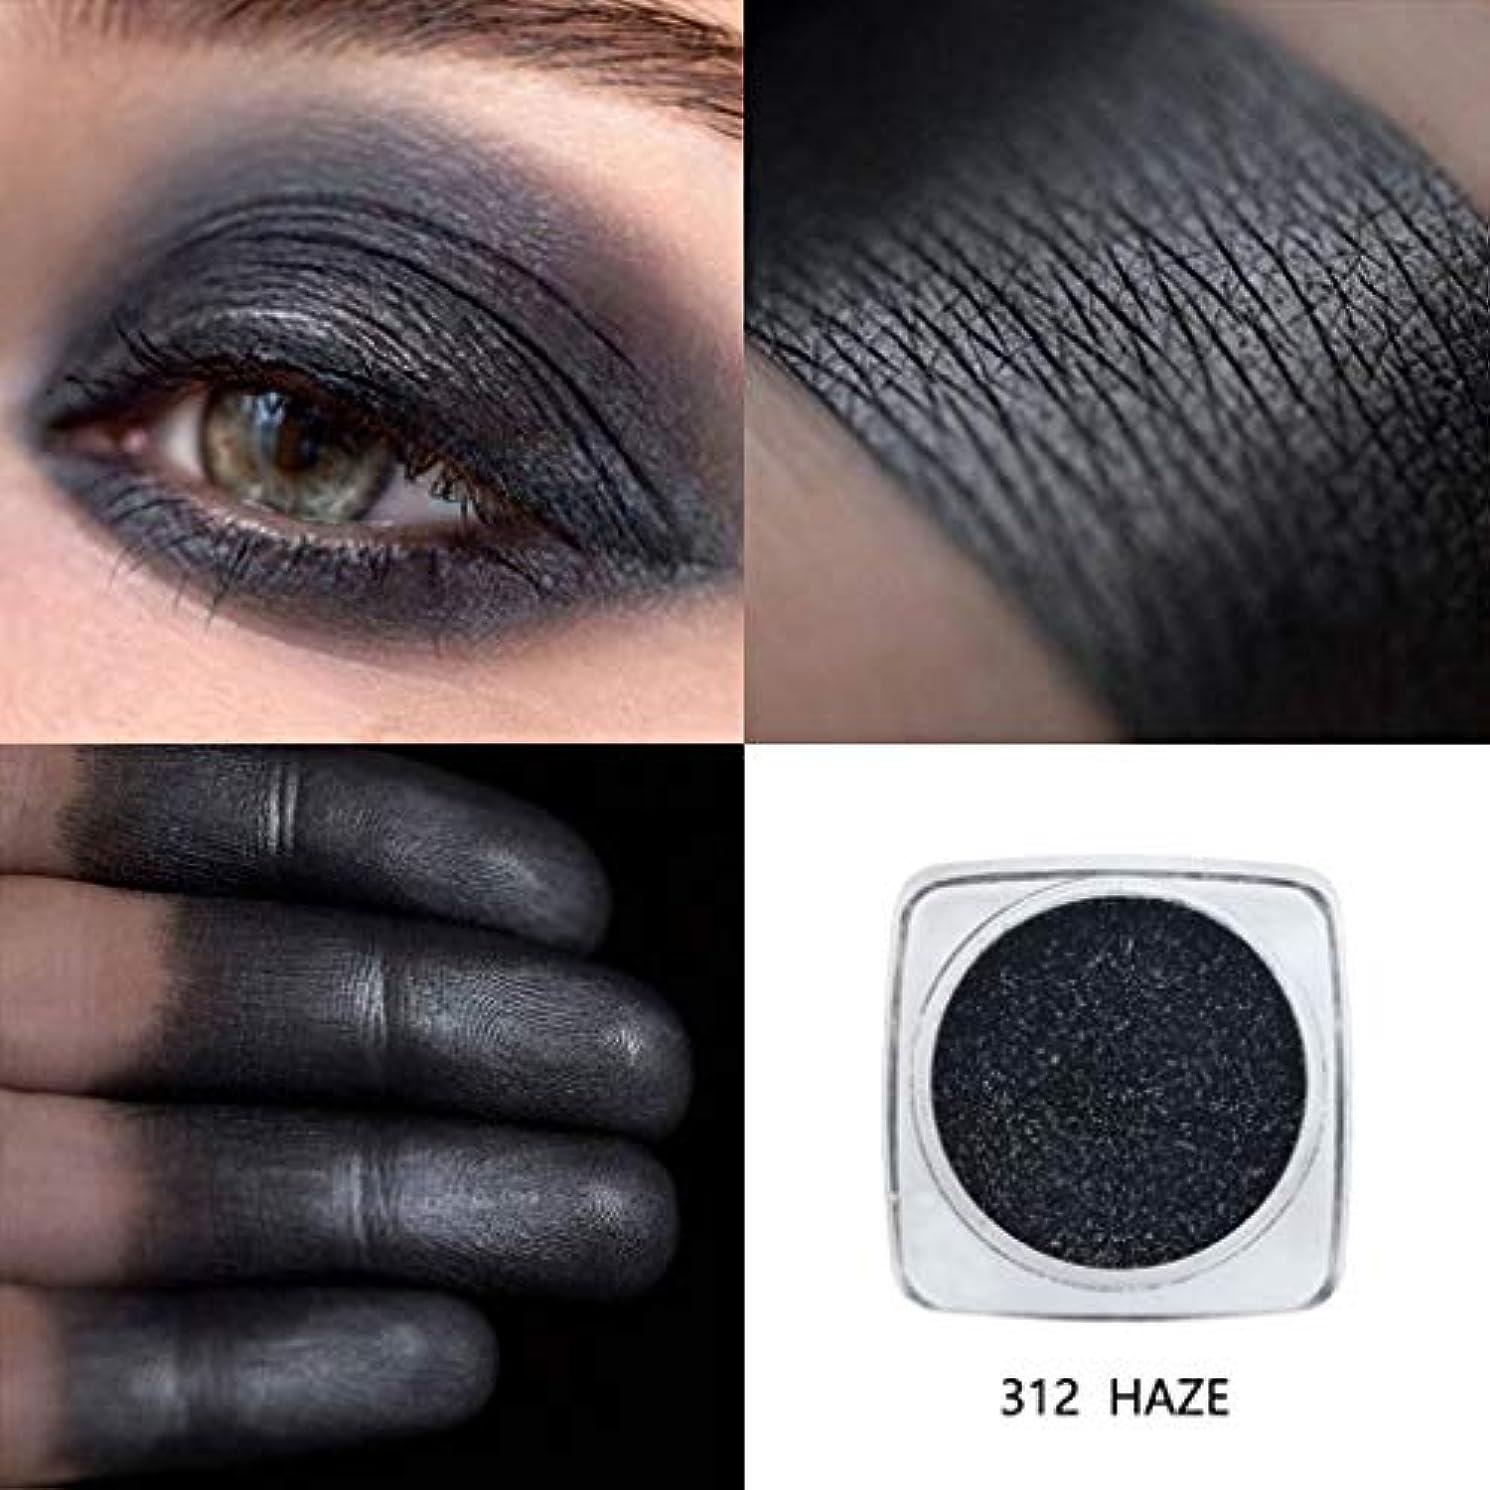 疼痛貞恥ずかしいAkane アイシャドウパレット PHOERA ファッション 美しい 魅力的 キラキラ ひとつだけ 高級 単なる 綺麗 素敵 持ち便利 日常 Eye Shadow (12色)